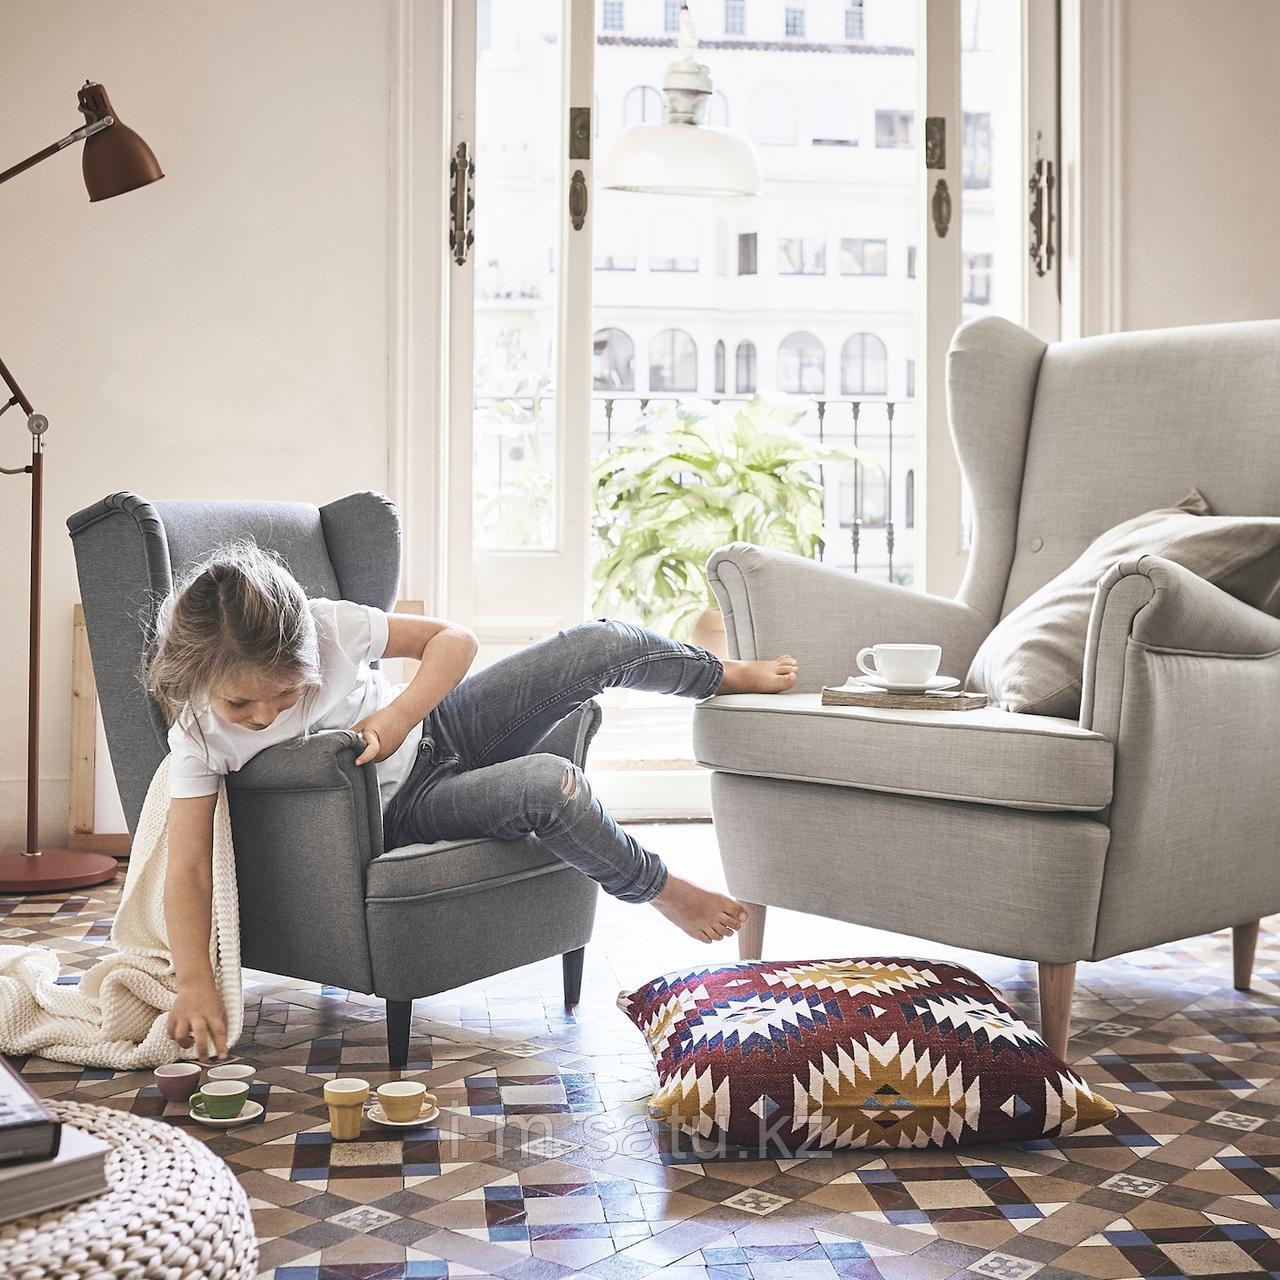 СТРАНДМОН Кресло детское, Висле серый, Висле серый